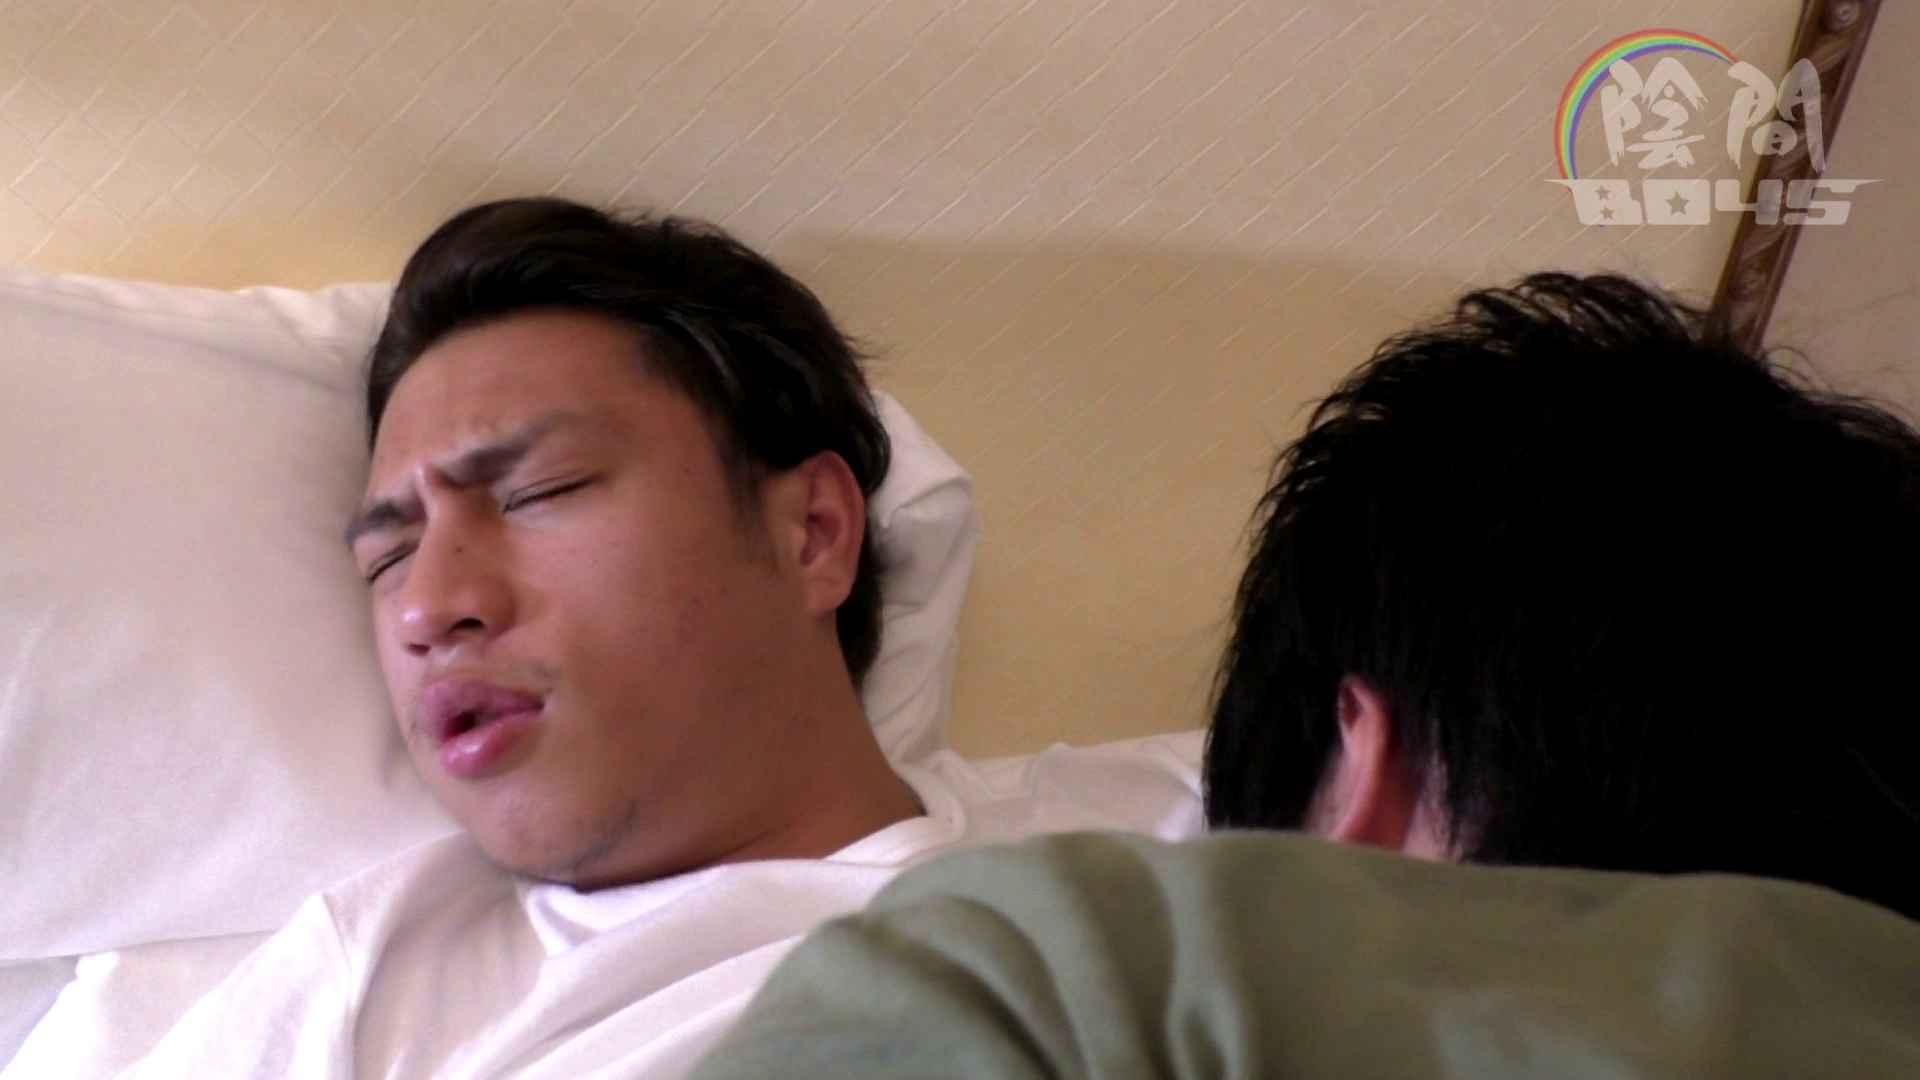 """ADの""""ヒミツ""""のお仕事 part1 No.03【期間限定】 HTDV ゲイエッチ画像 57pic 16"""